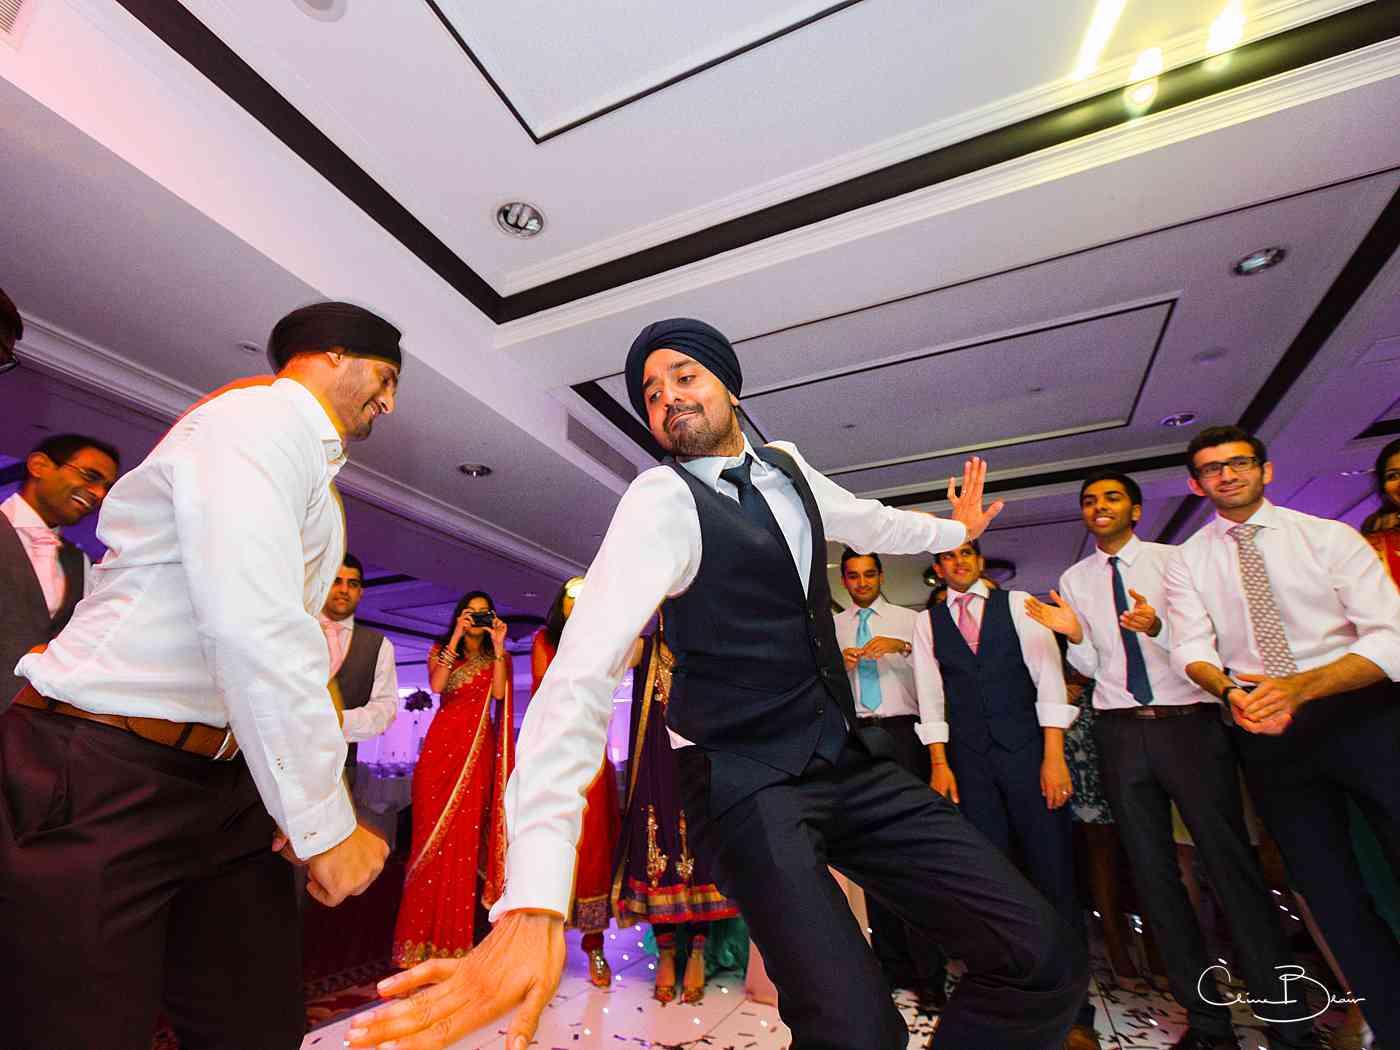 Man dancing on the dance floor